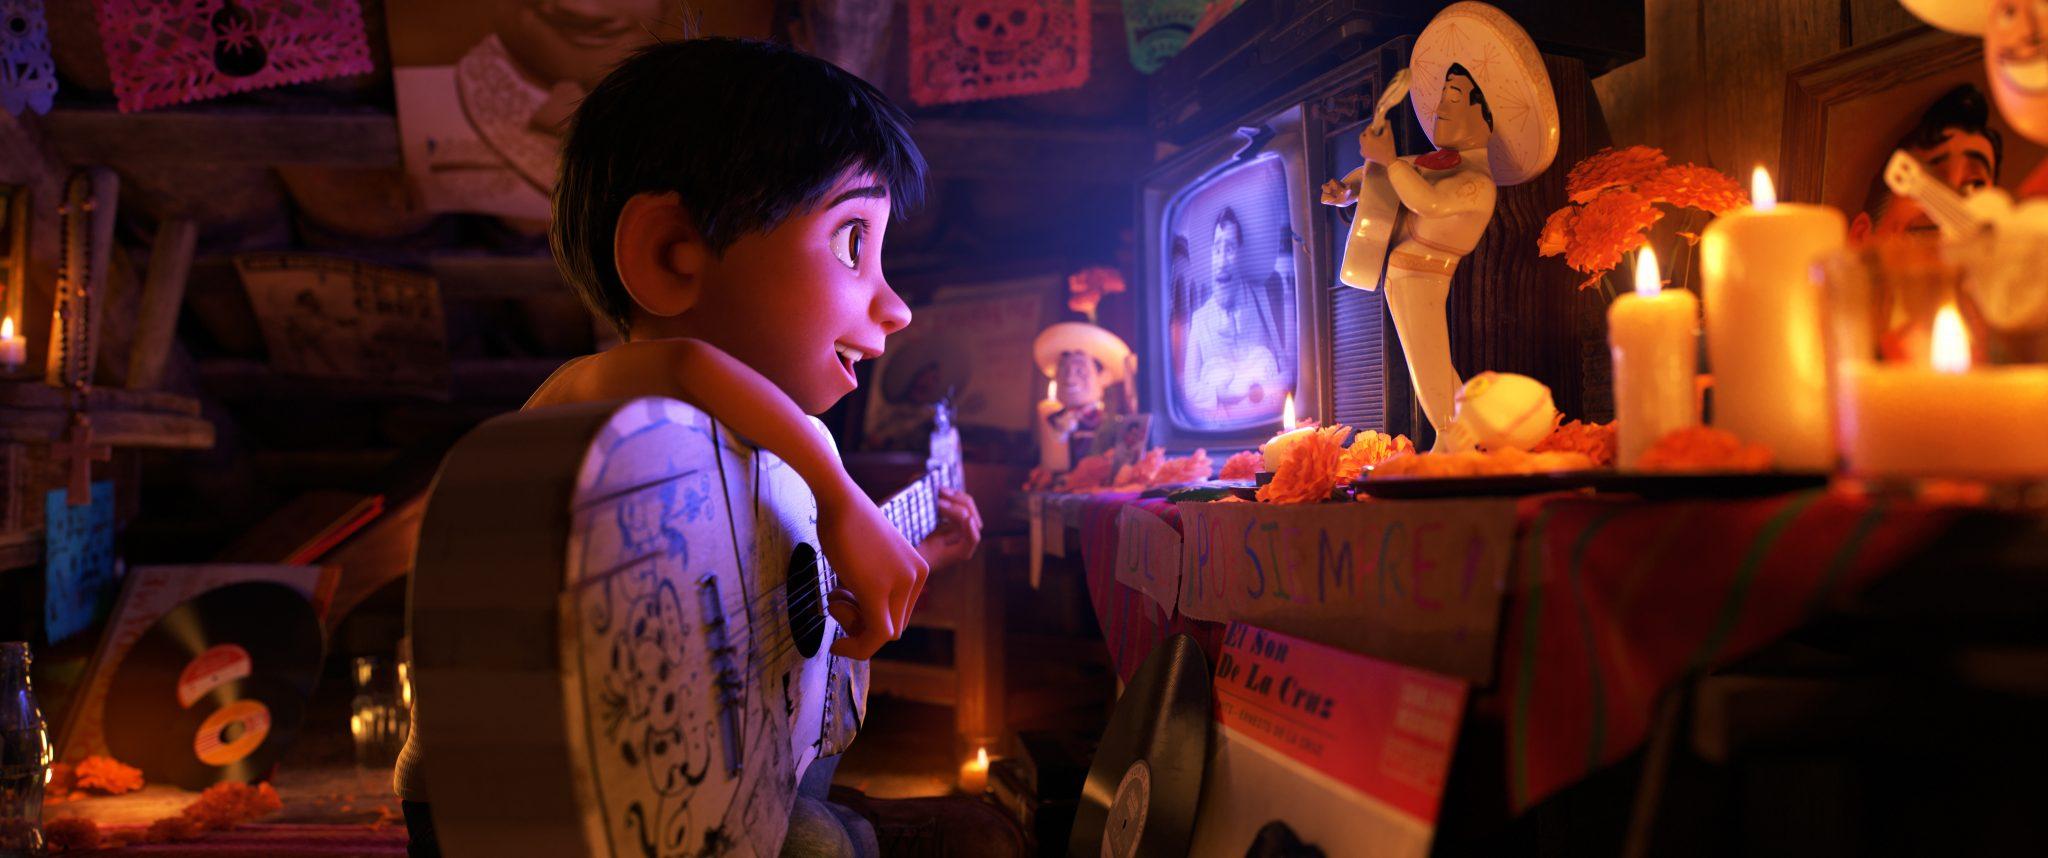 Coco image film disney critique 4